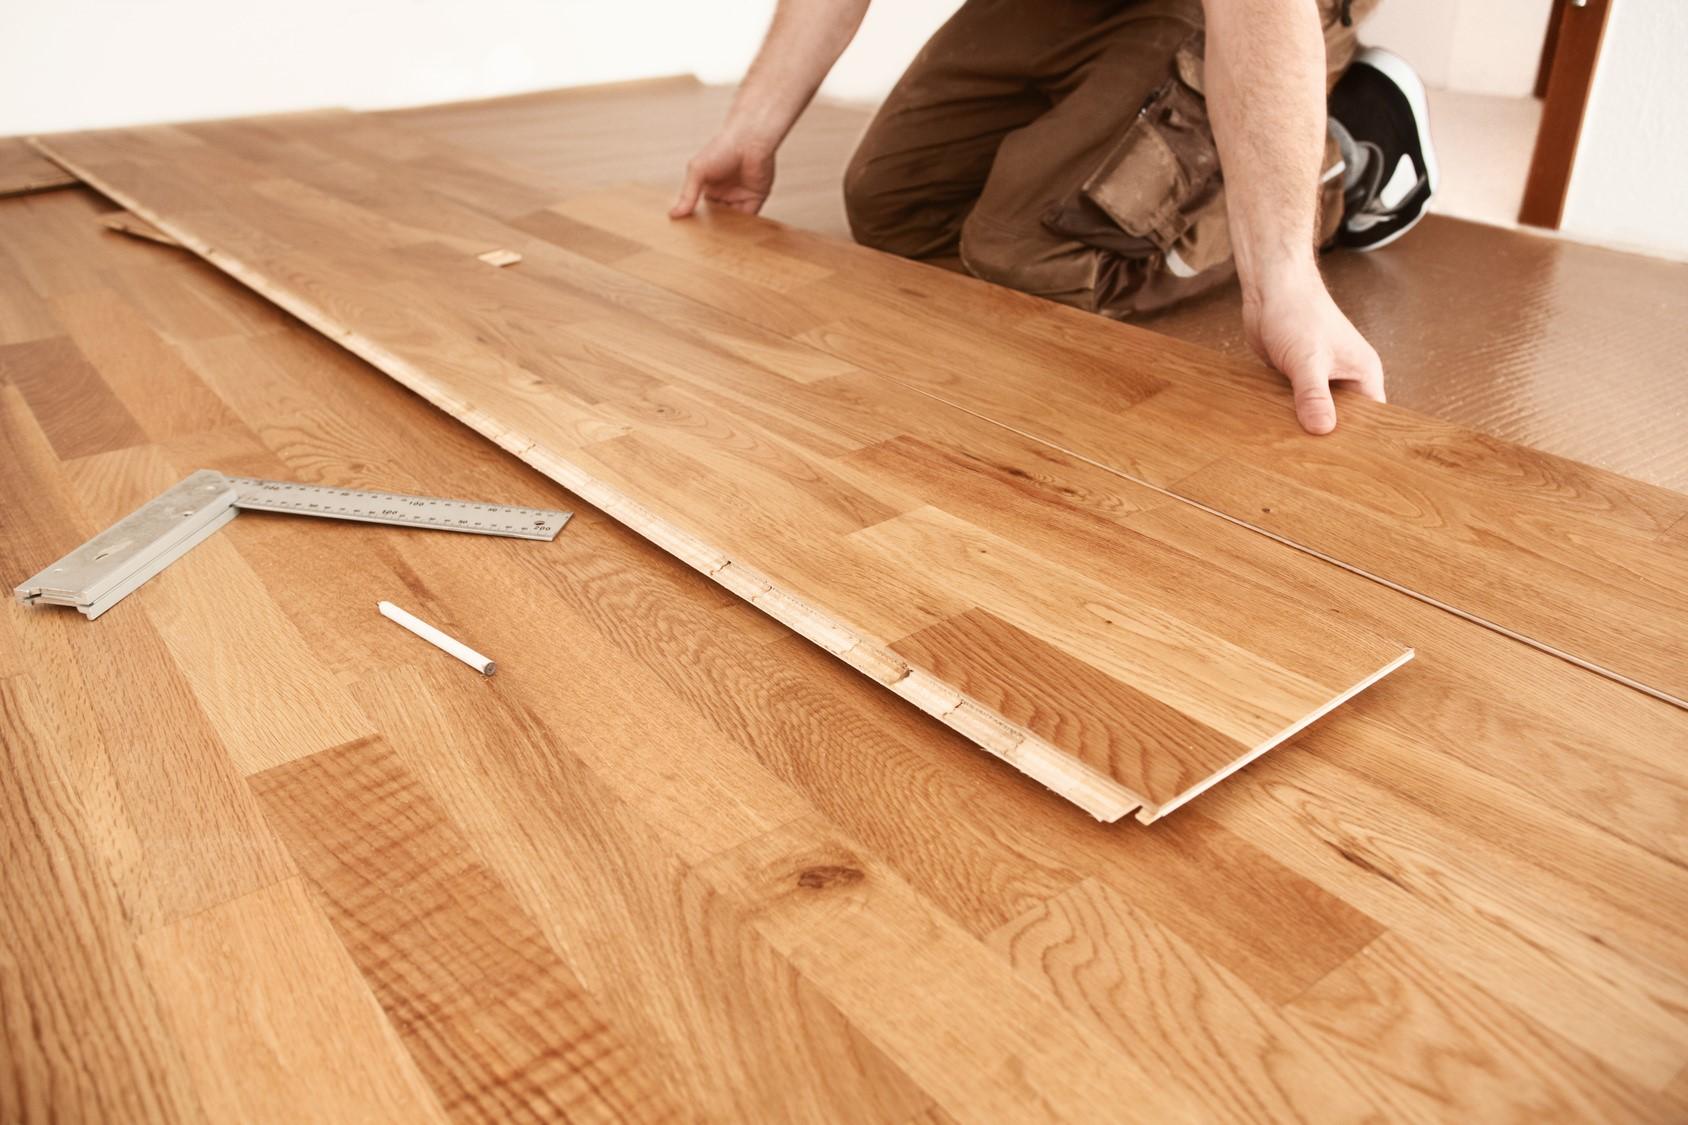 Какая подложка под ламинат лучше подойдет на бетонный пол